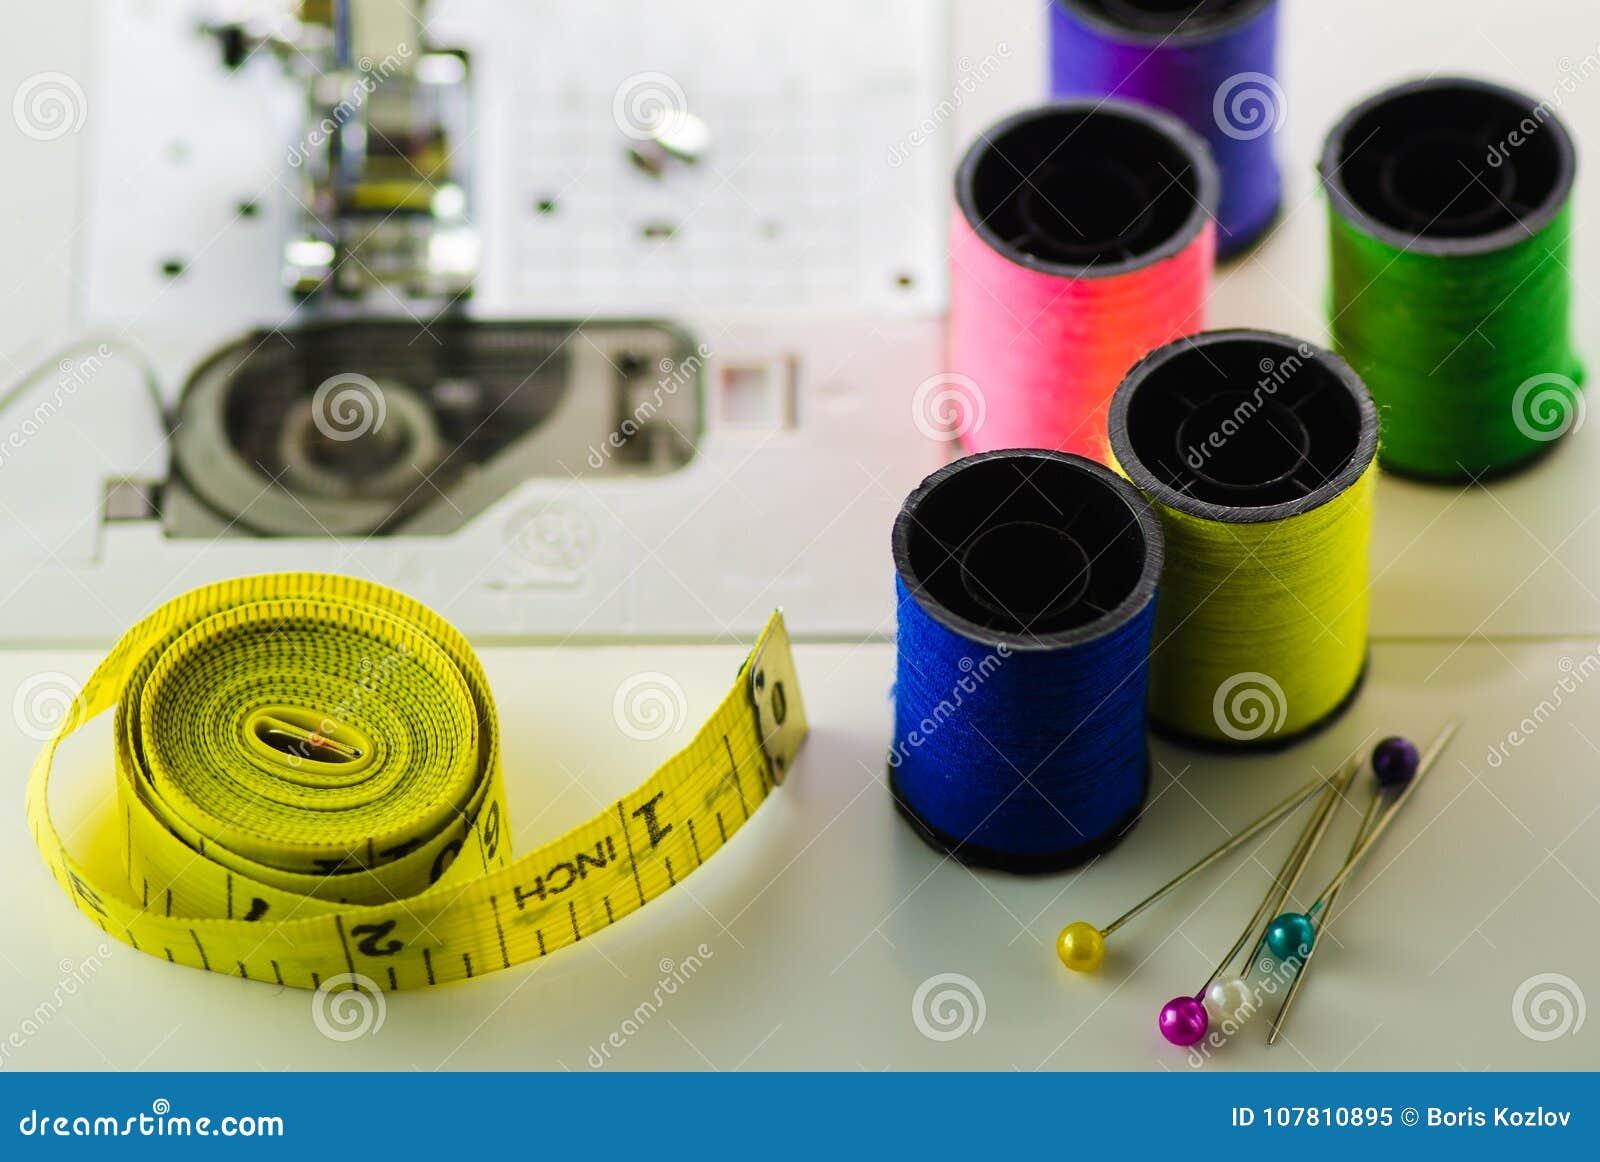 色的螺纹磁带,缝纫机特写镜头的针短管轴